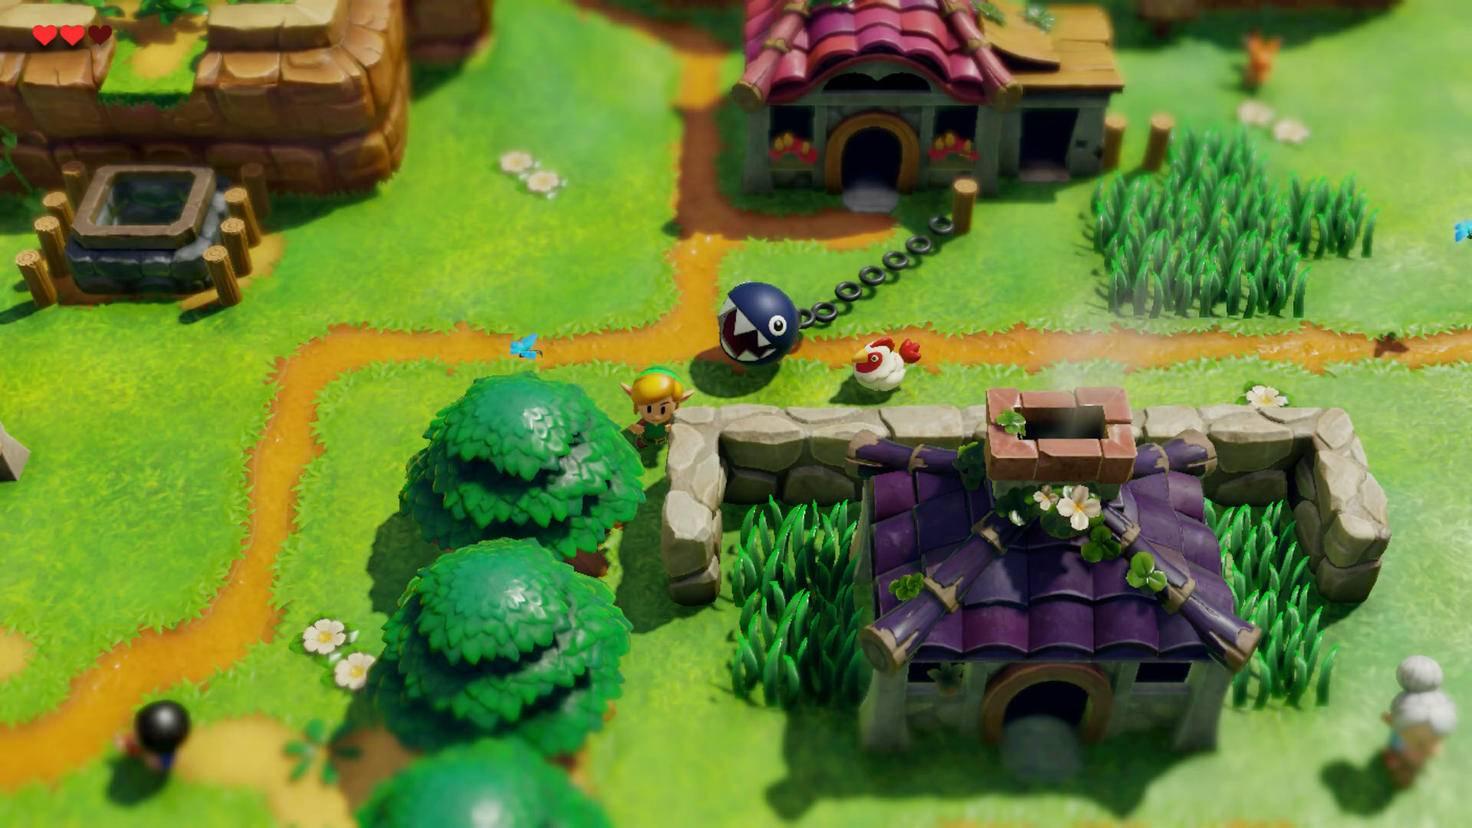 """Wie ernst kann sich ein Spiel schon nehmen, das sich die Kettenhunde aus """"Super Mario"""" ausleiht?"""